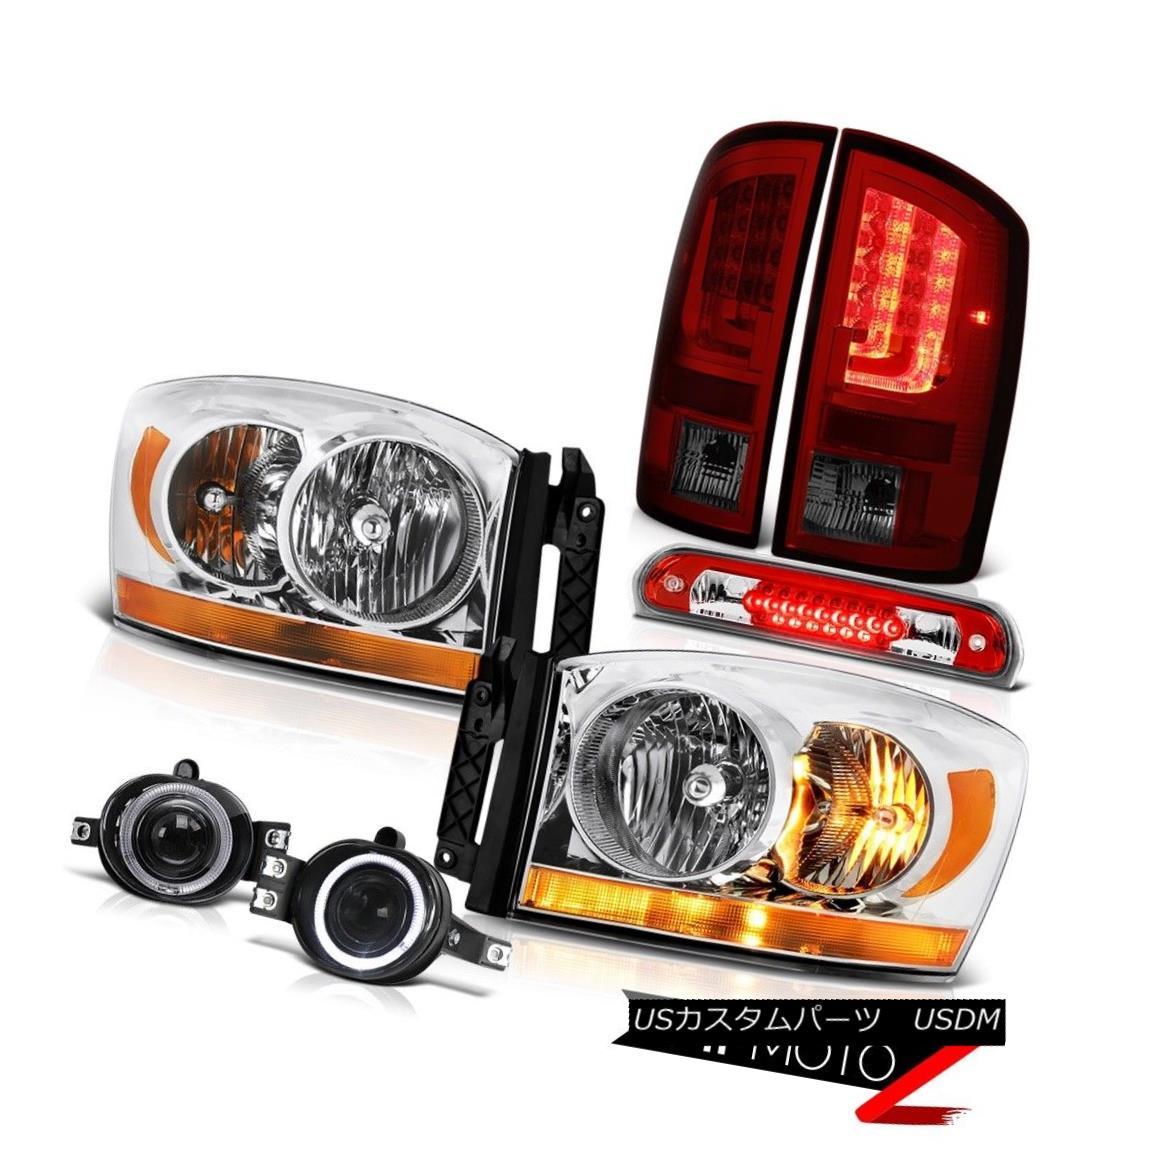 テールライト 07-08 Dodge Ram 1500 SLT Rear Brake Lamps Headlamps Foglamps Red 3RD Lamp LED 07-08ダッジラム1500 SLTリアブレーキランプヘッドランプフォグランプ赤3RDランプLED